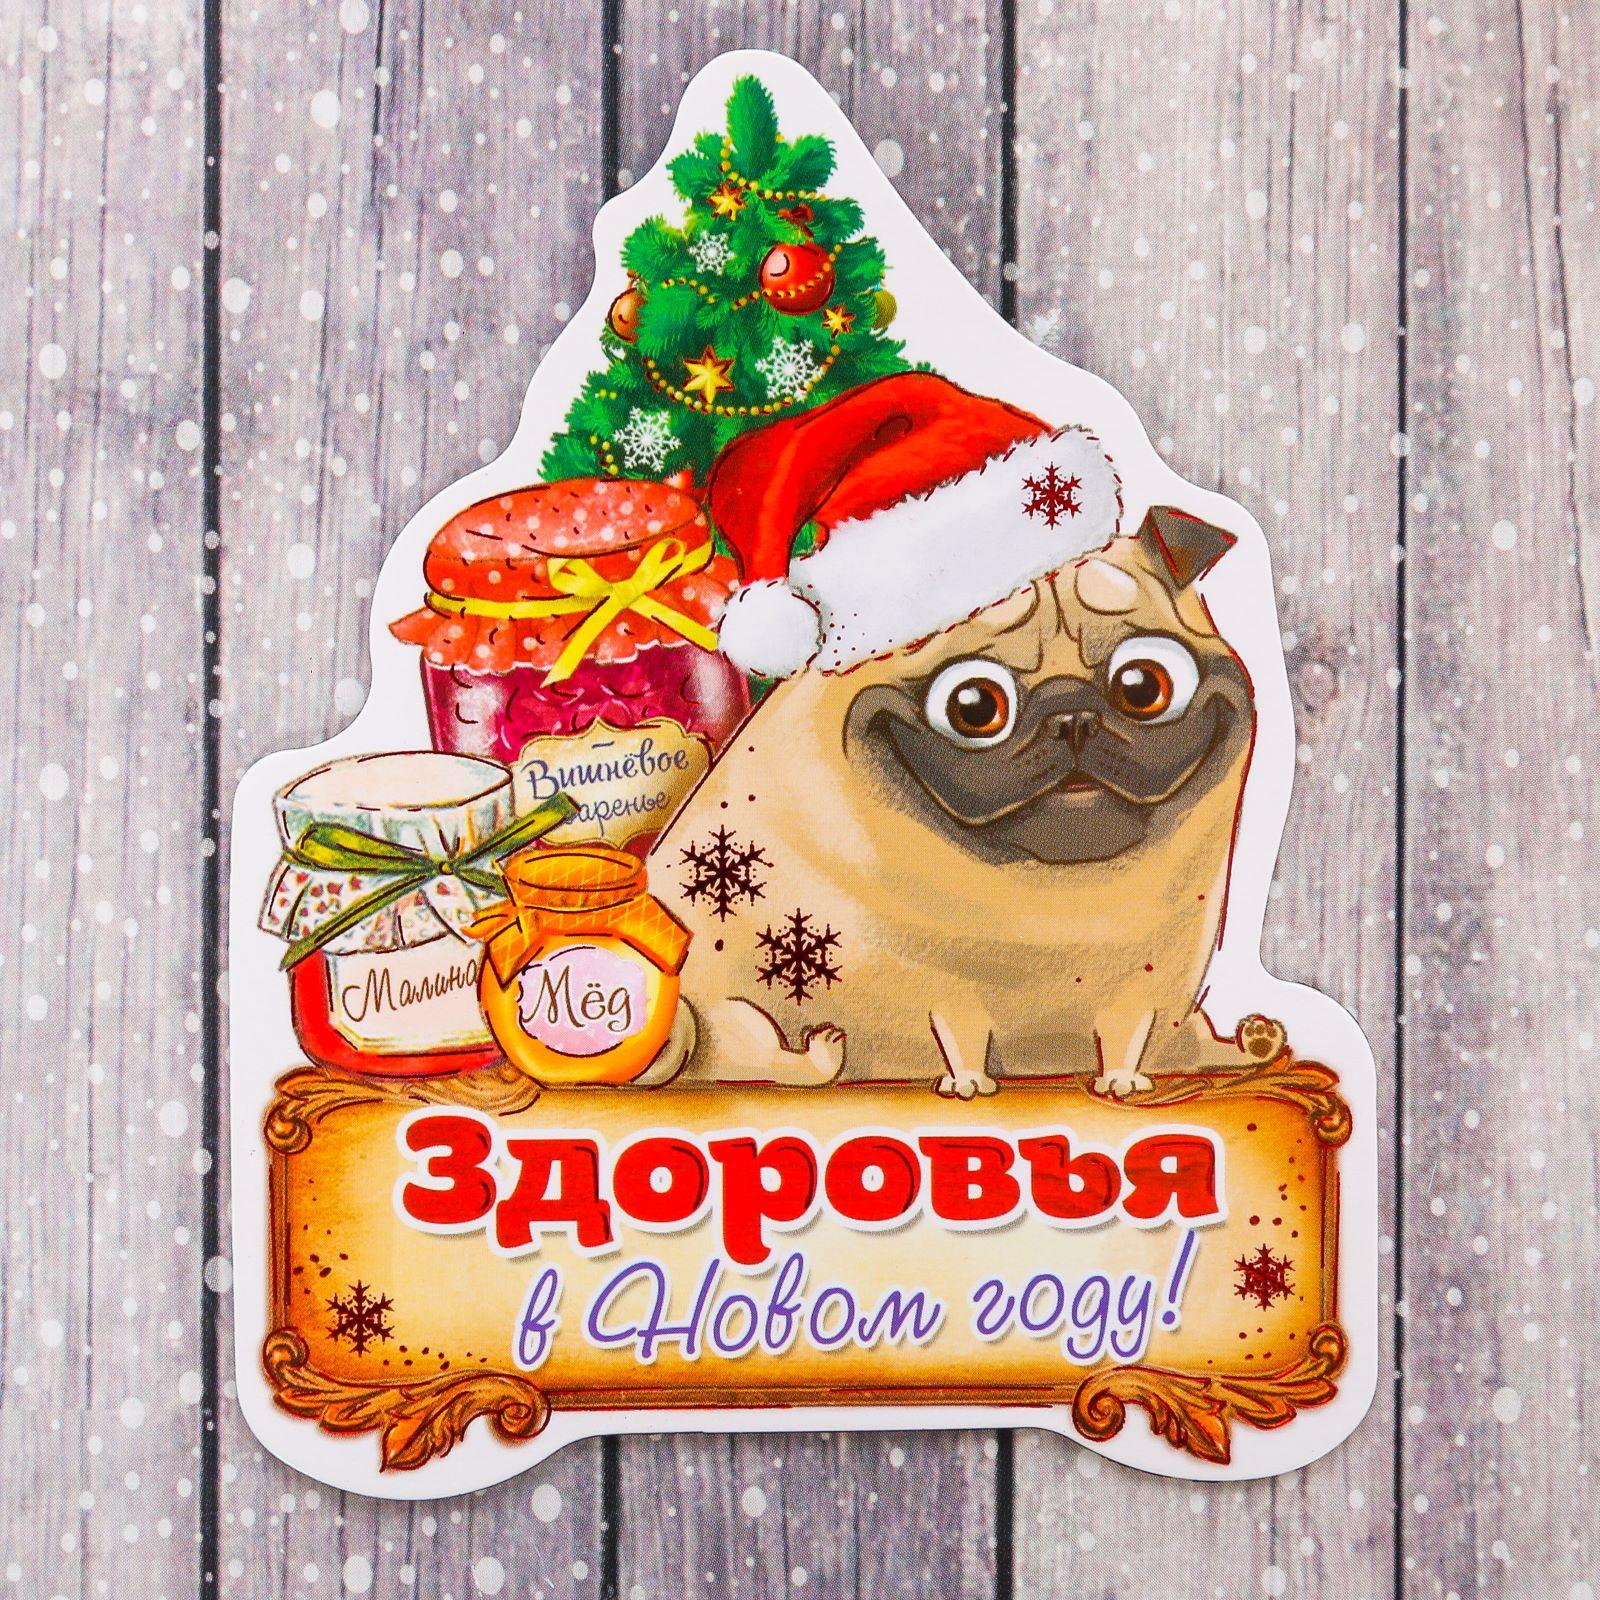 Военная, открытки счастья и удачи в новом году